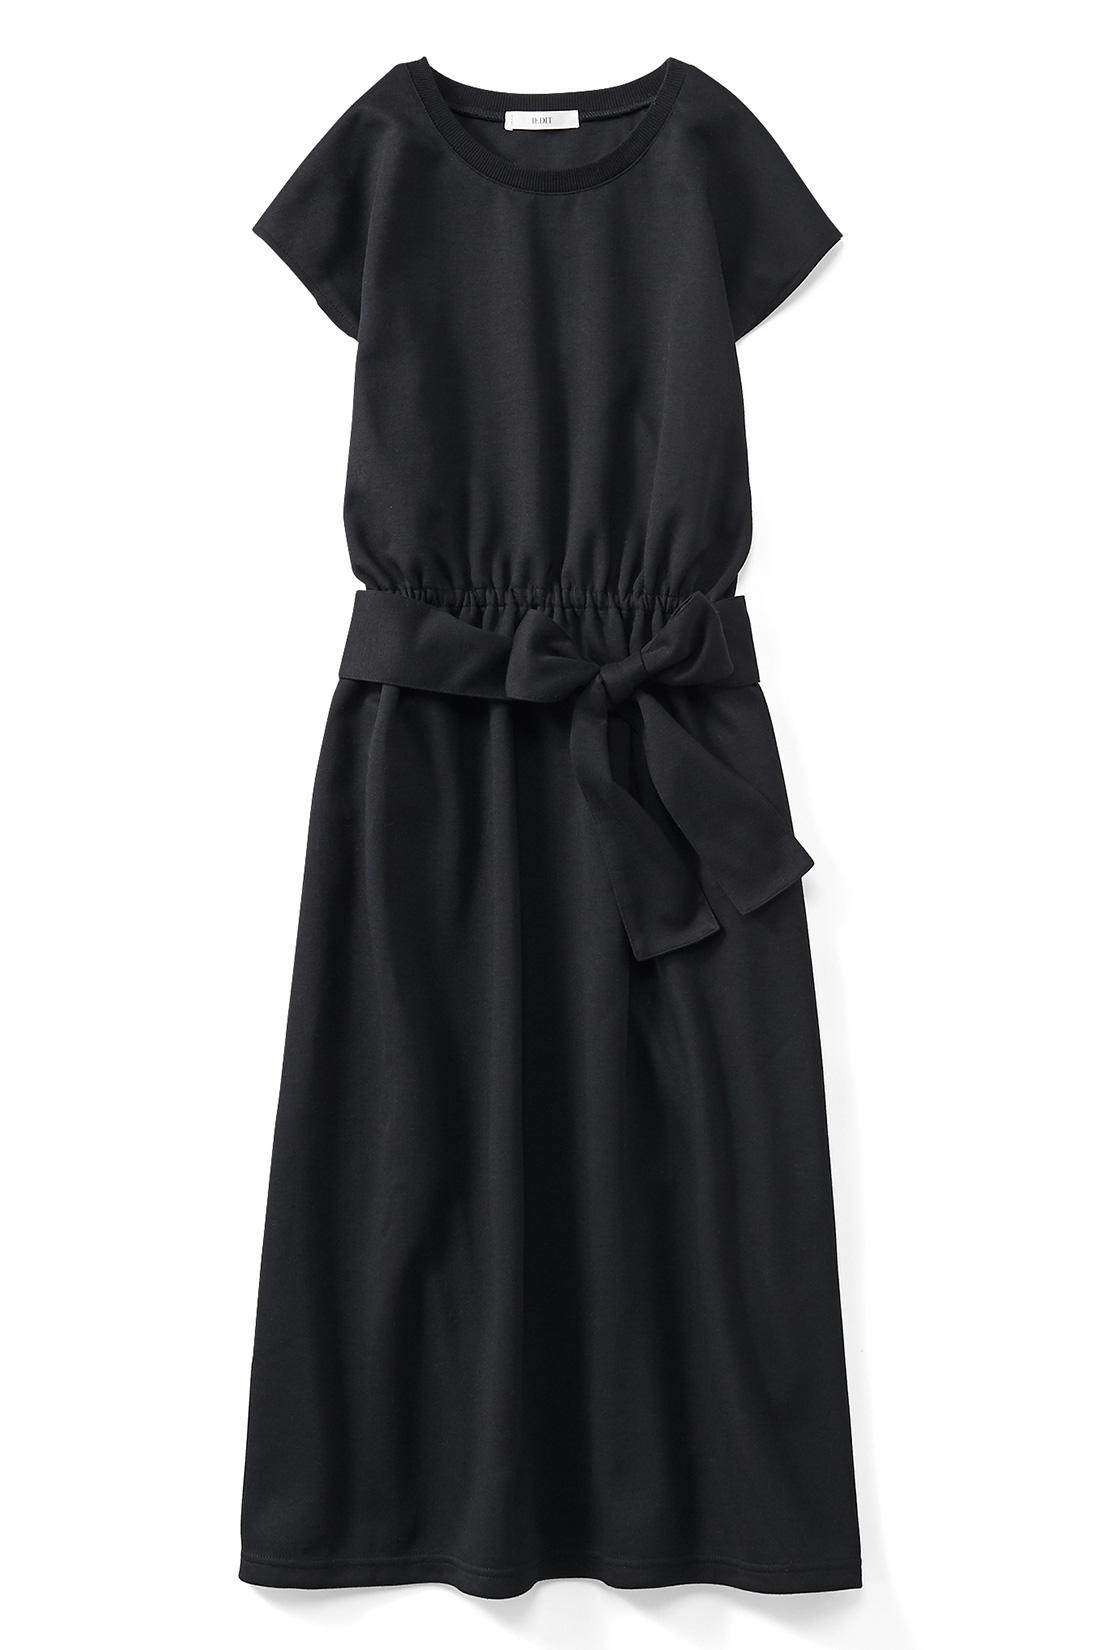 上品かつシックな〈ブラック〉 肩がすとんと落ちて華奢に見える、涼やかで大人も着やすいフレンチ袖。